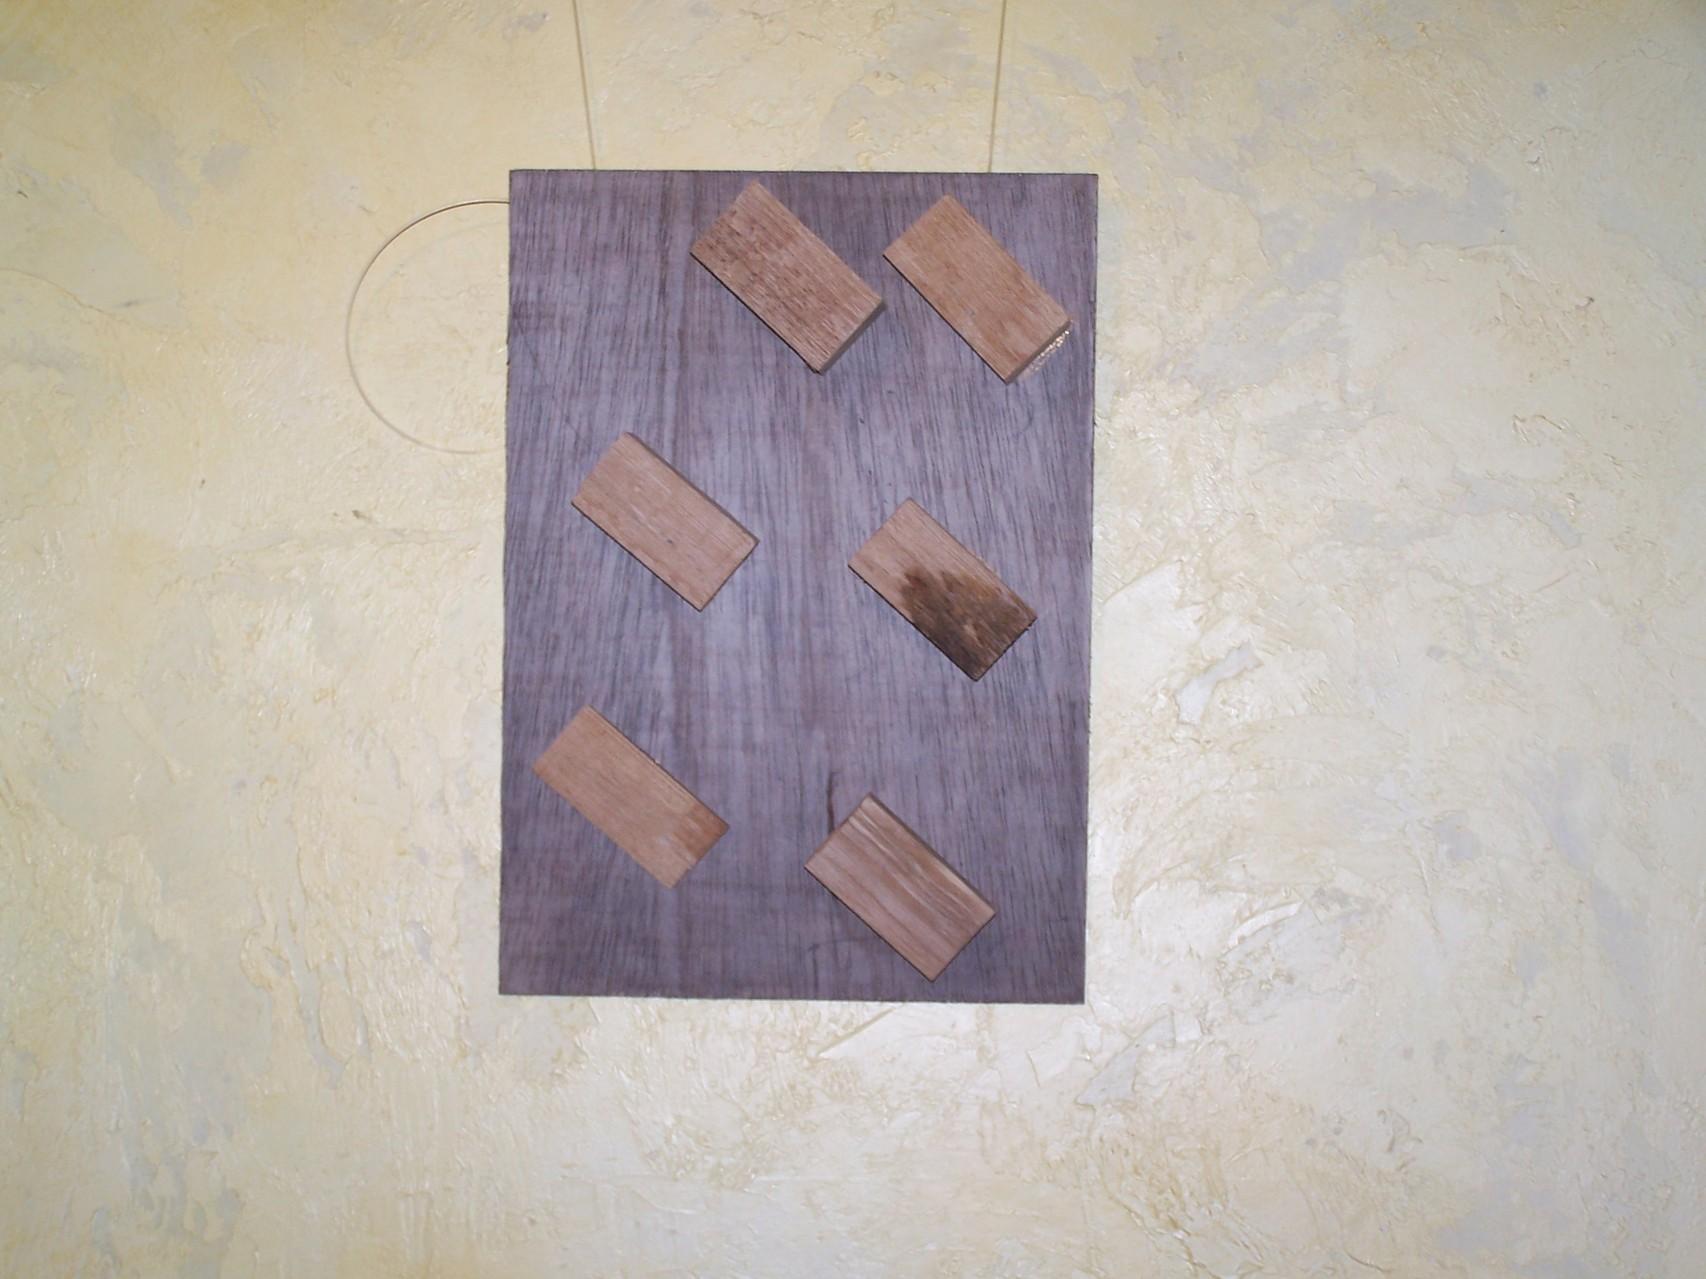 Schwimmendes Holz   Werkverzeichnis: 2013-1722 Jahr: 2013 HxBxT